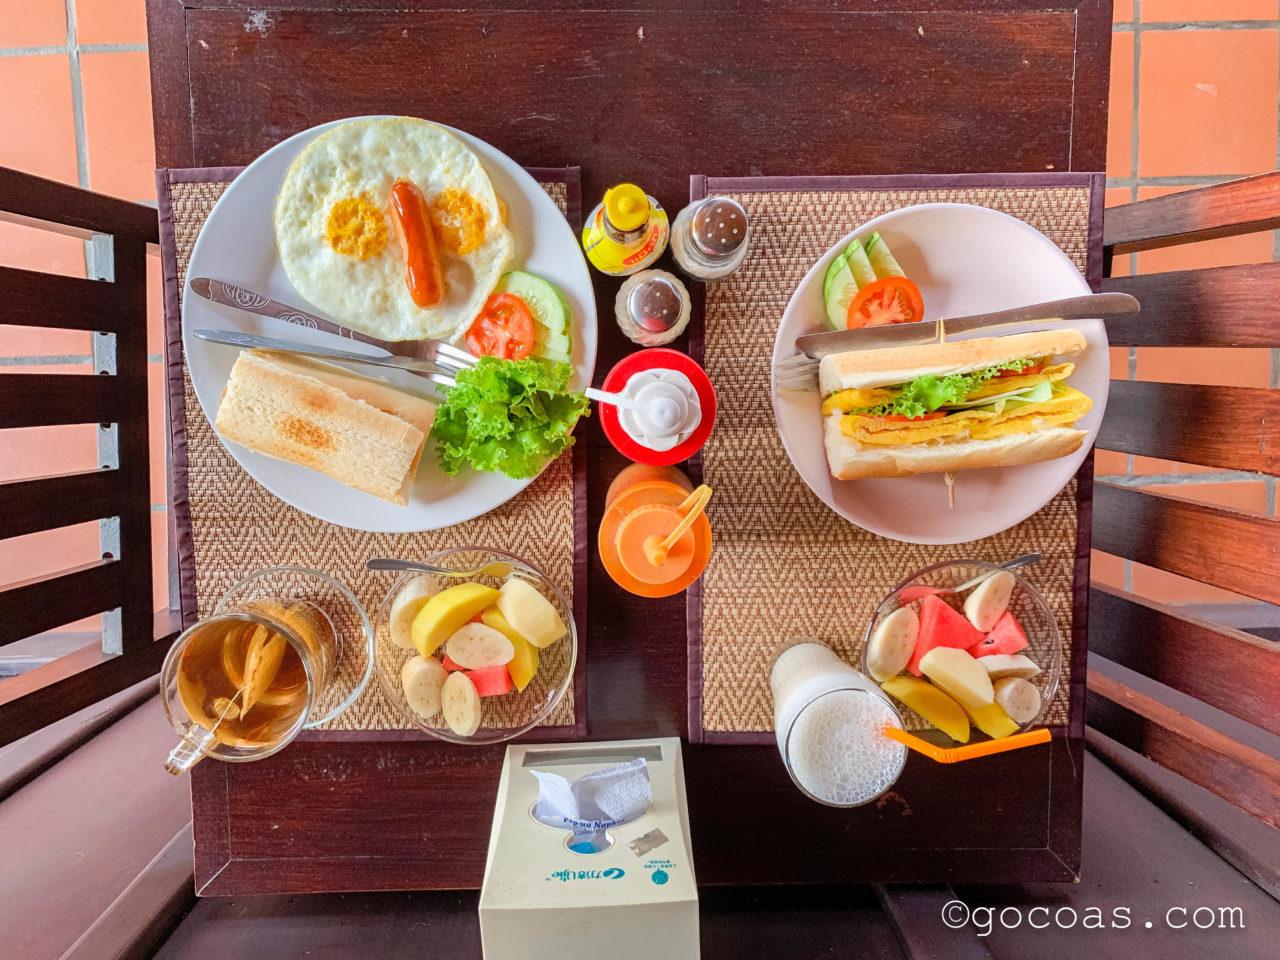 ヴィラ ラタナコンの朝食のサンドイッチとパンと卵とフルーツ